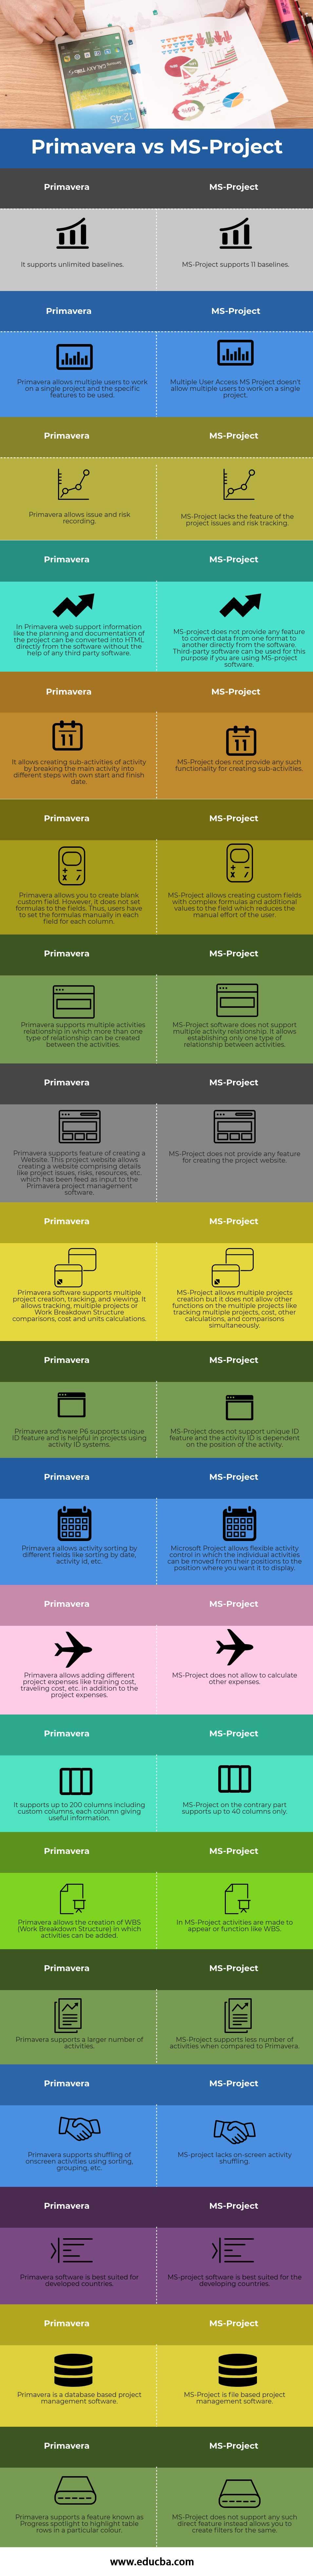 Primavera vs MS Project info(Primavera v/s MS-Project)